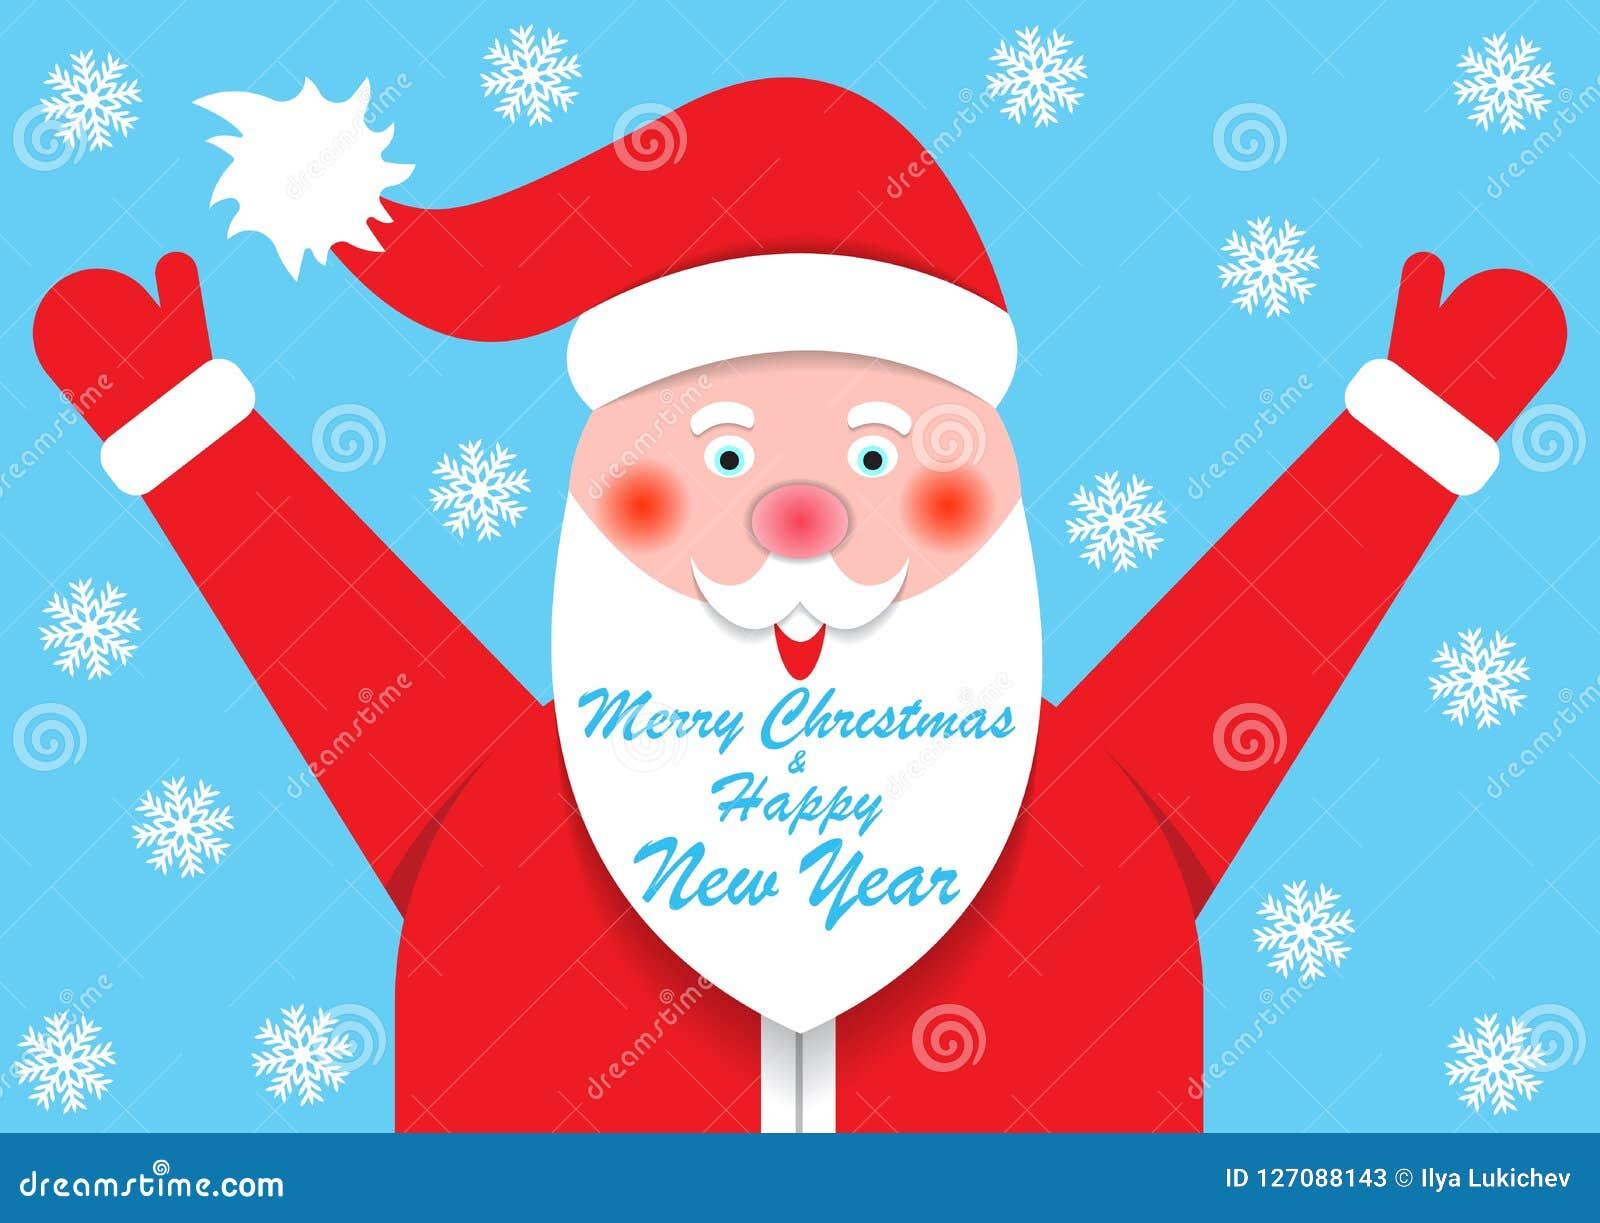 Χαρούμενα Χριστούγεννα και νέοι χαιρετισμοί έτους, πρότυπο, κάρτα, έμβλημα